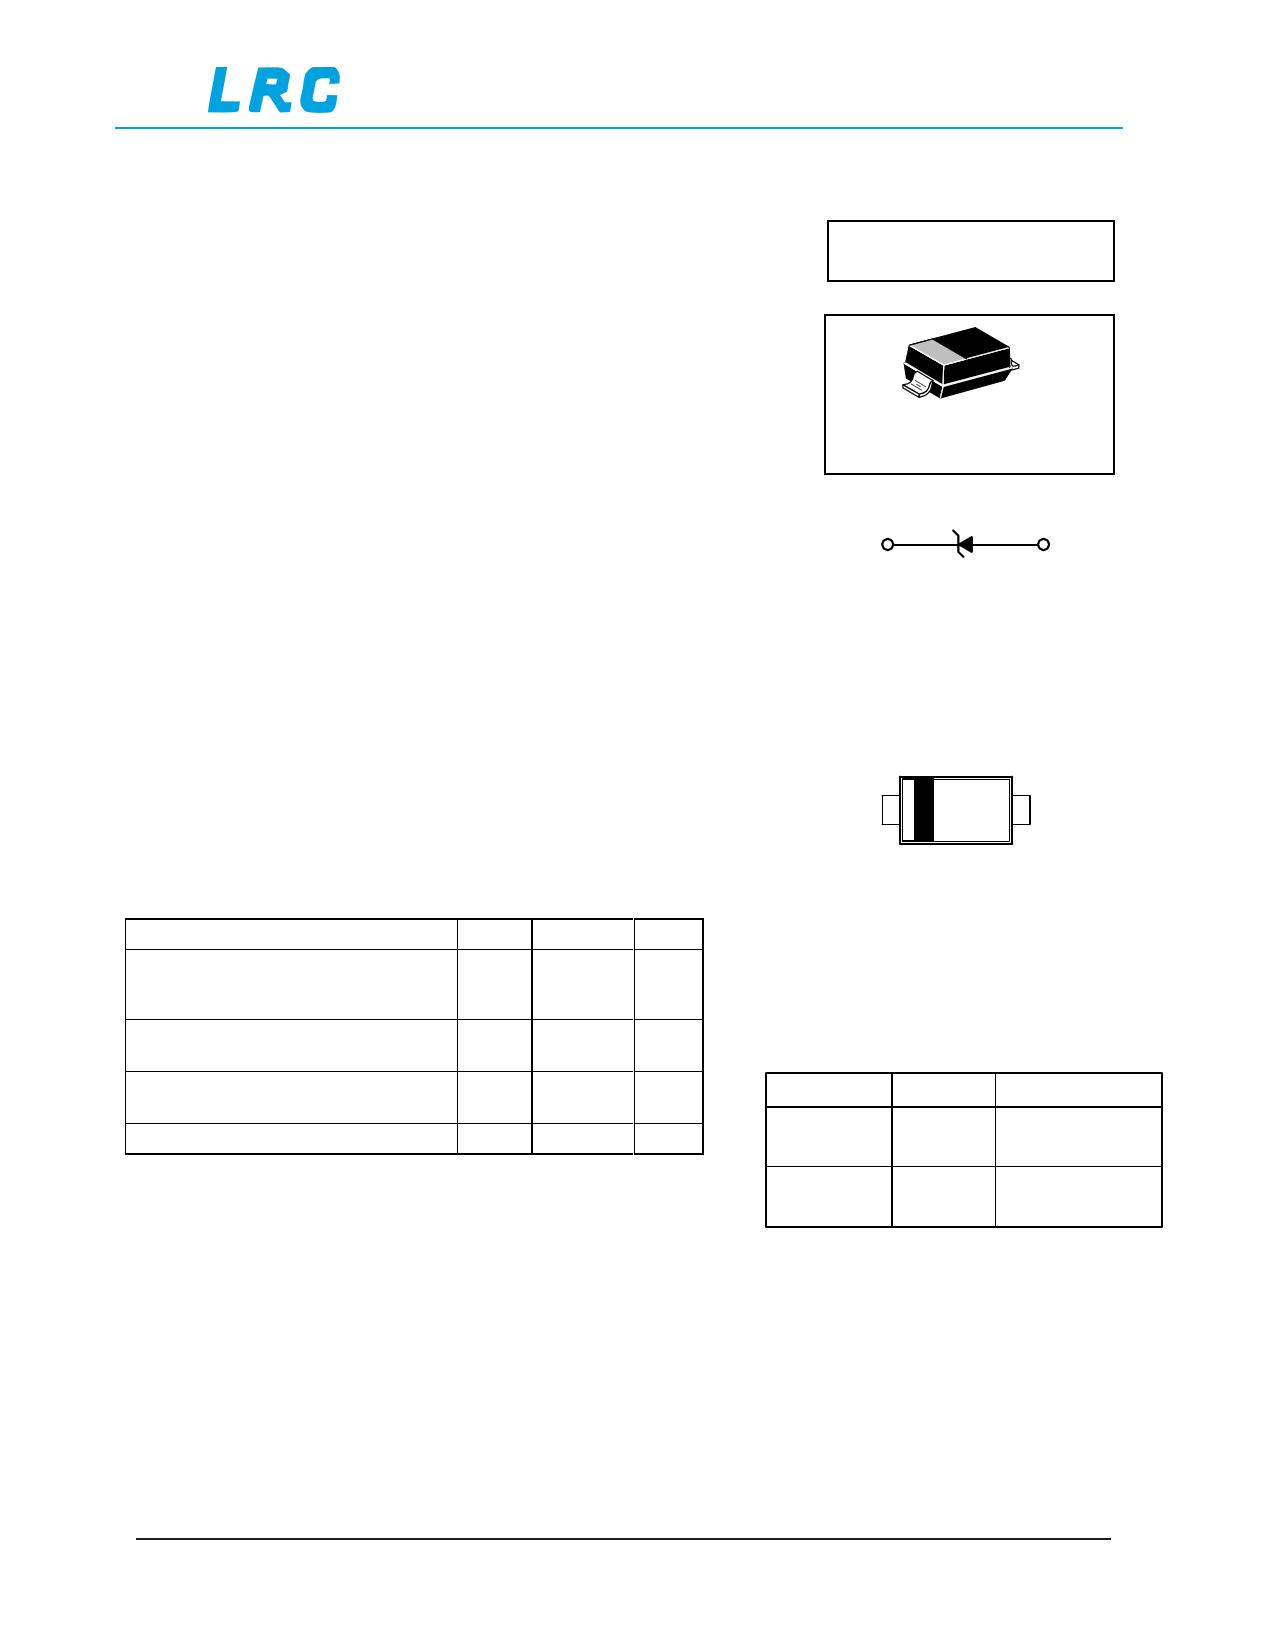 LMSZ4692T1G datasheet, circuit